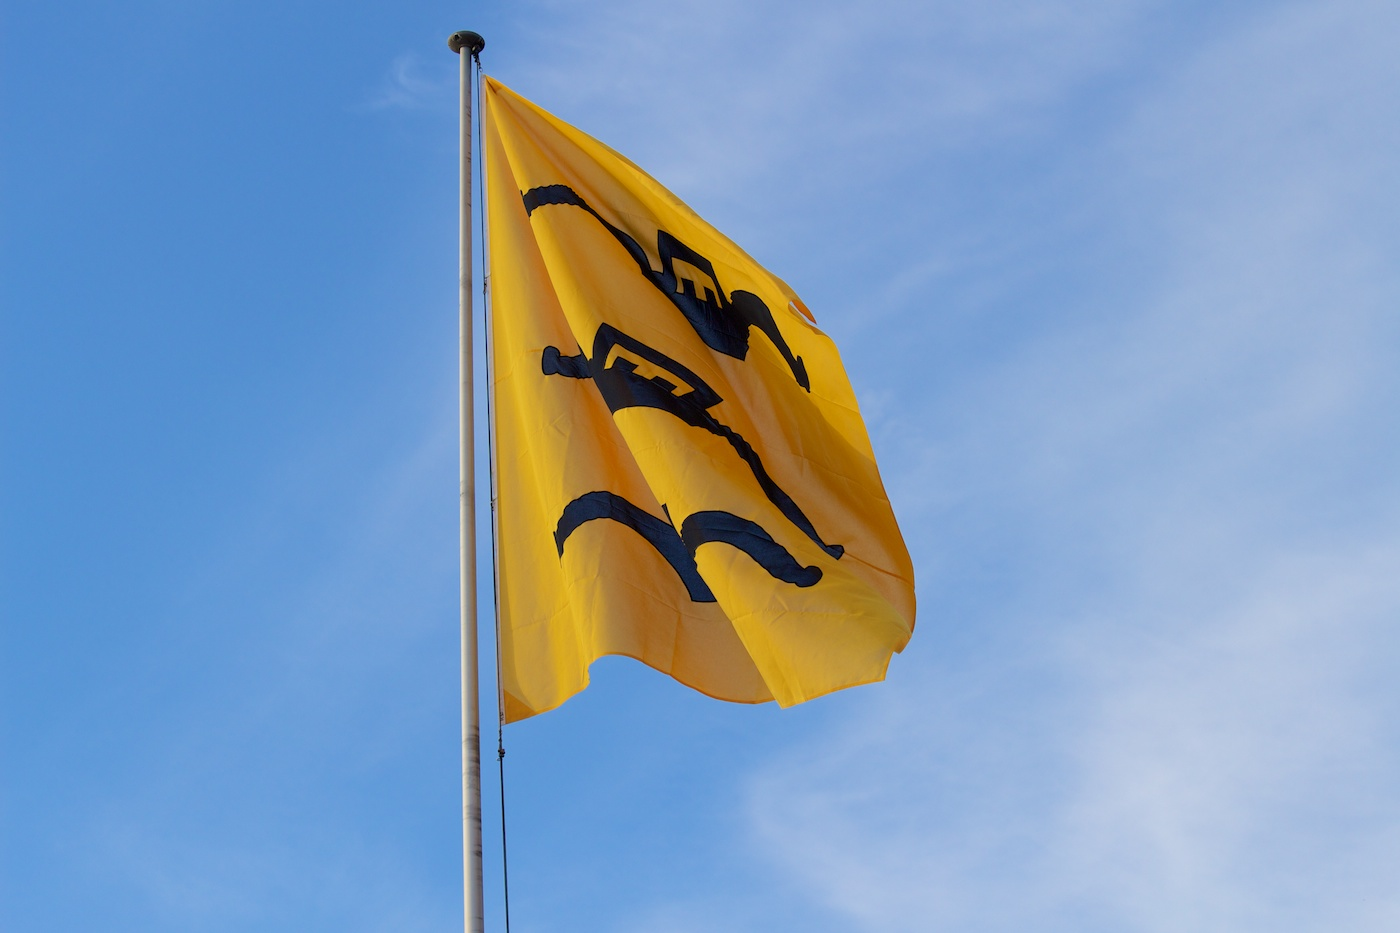 Fahne der Gemeinde Herrliberg am Zürichsee im Hafen, der neuen Heimat unserer mOcean